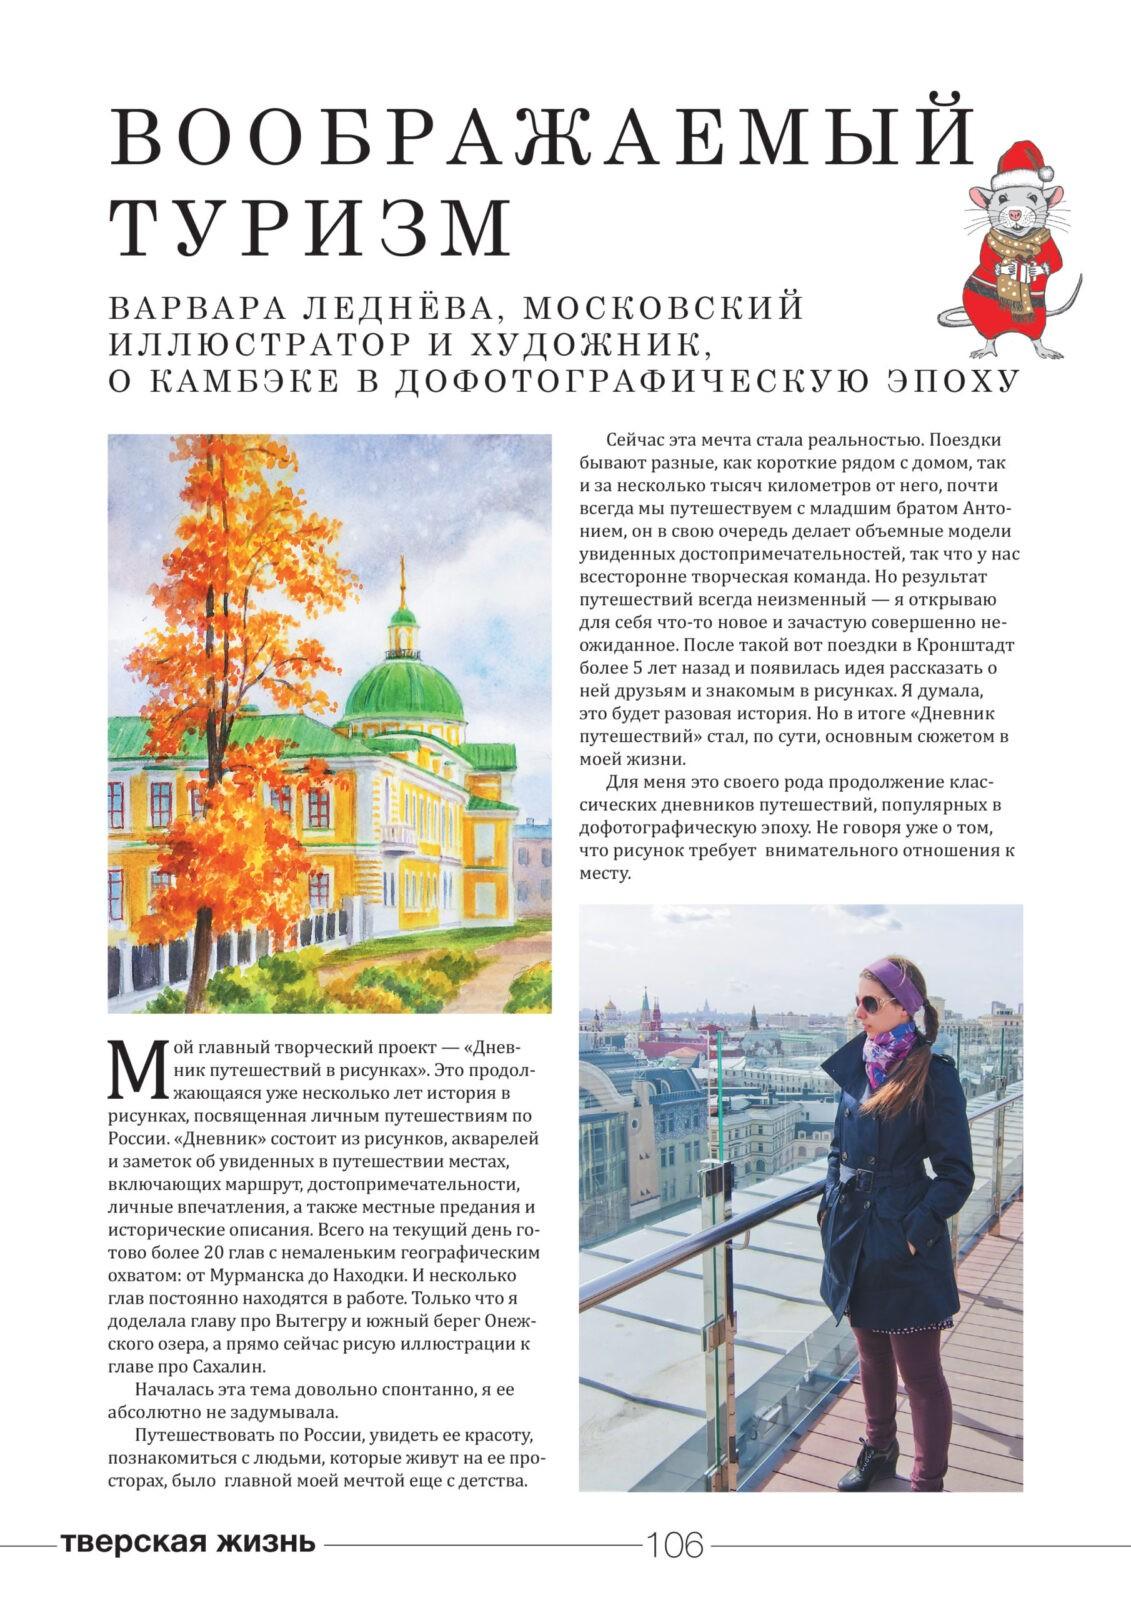 Воображаемый туризм:иллюстратор и художник Варвара Леднёва,о камбэке вдофотографическуюэпоху